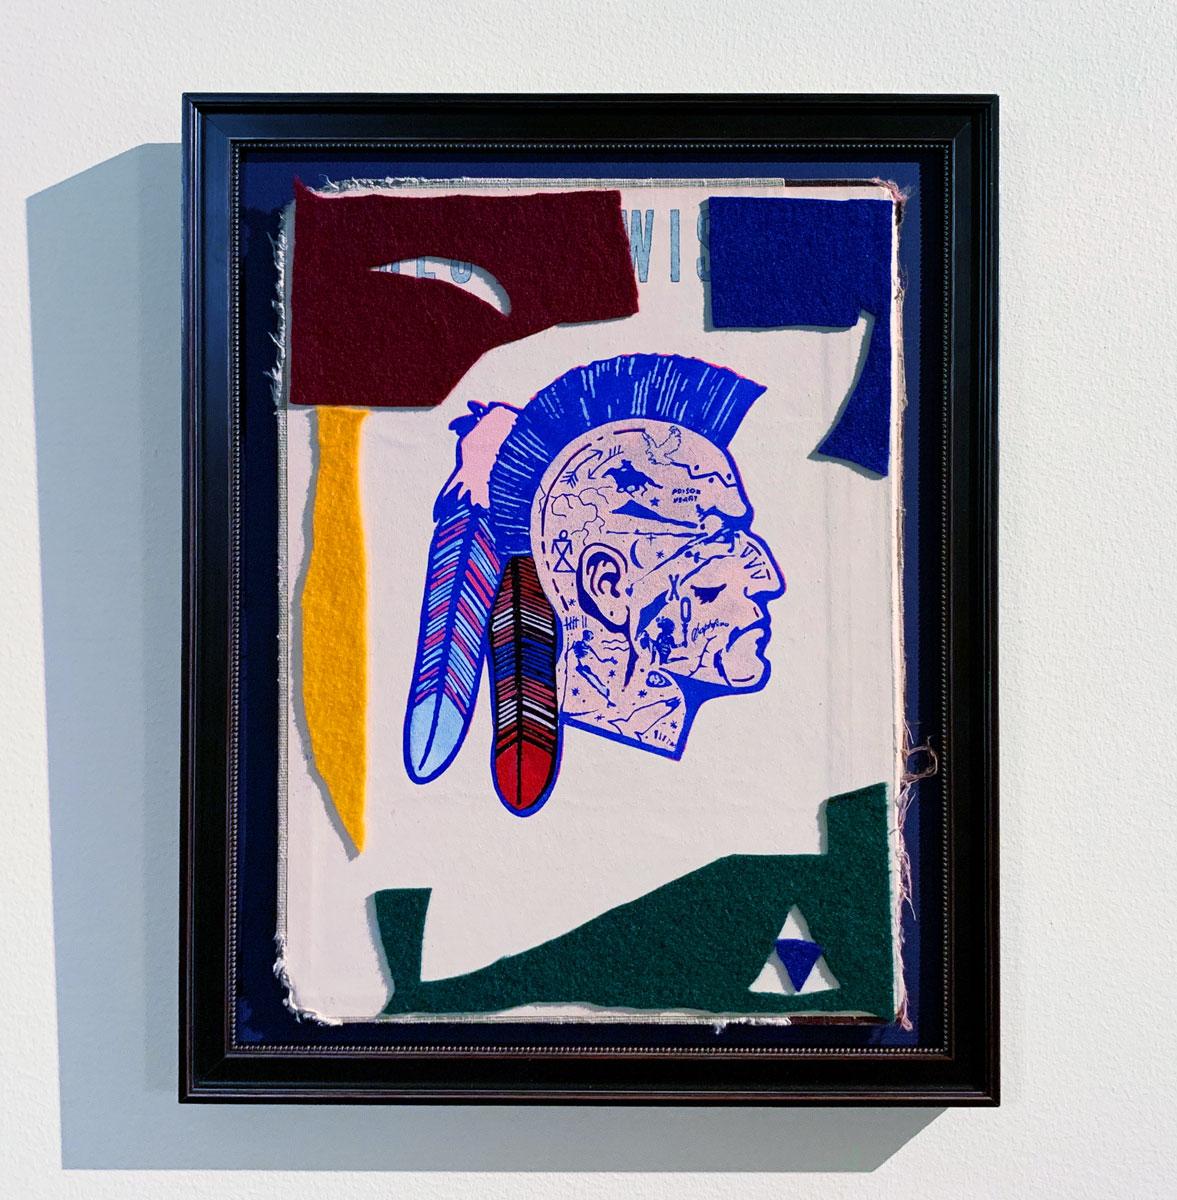 """Untitled  , 2019  Acrylic, gouache, and felt on book cover  11 x 14"""" (28 x 36 cm)"""